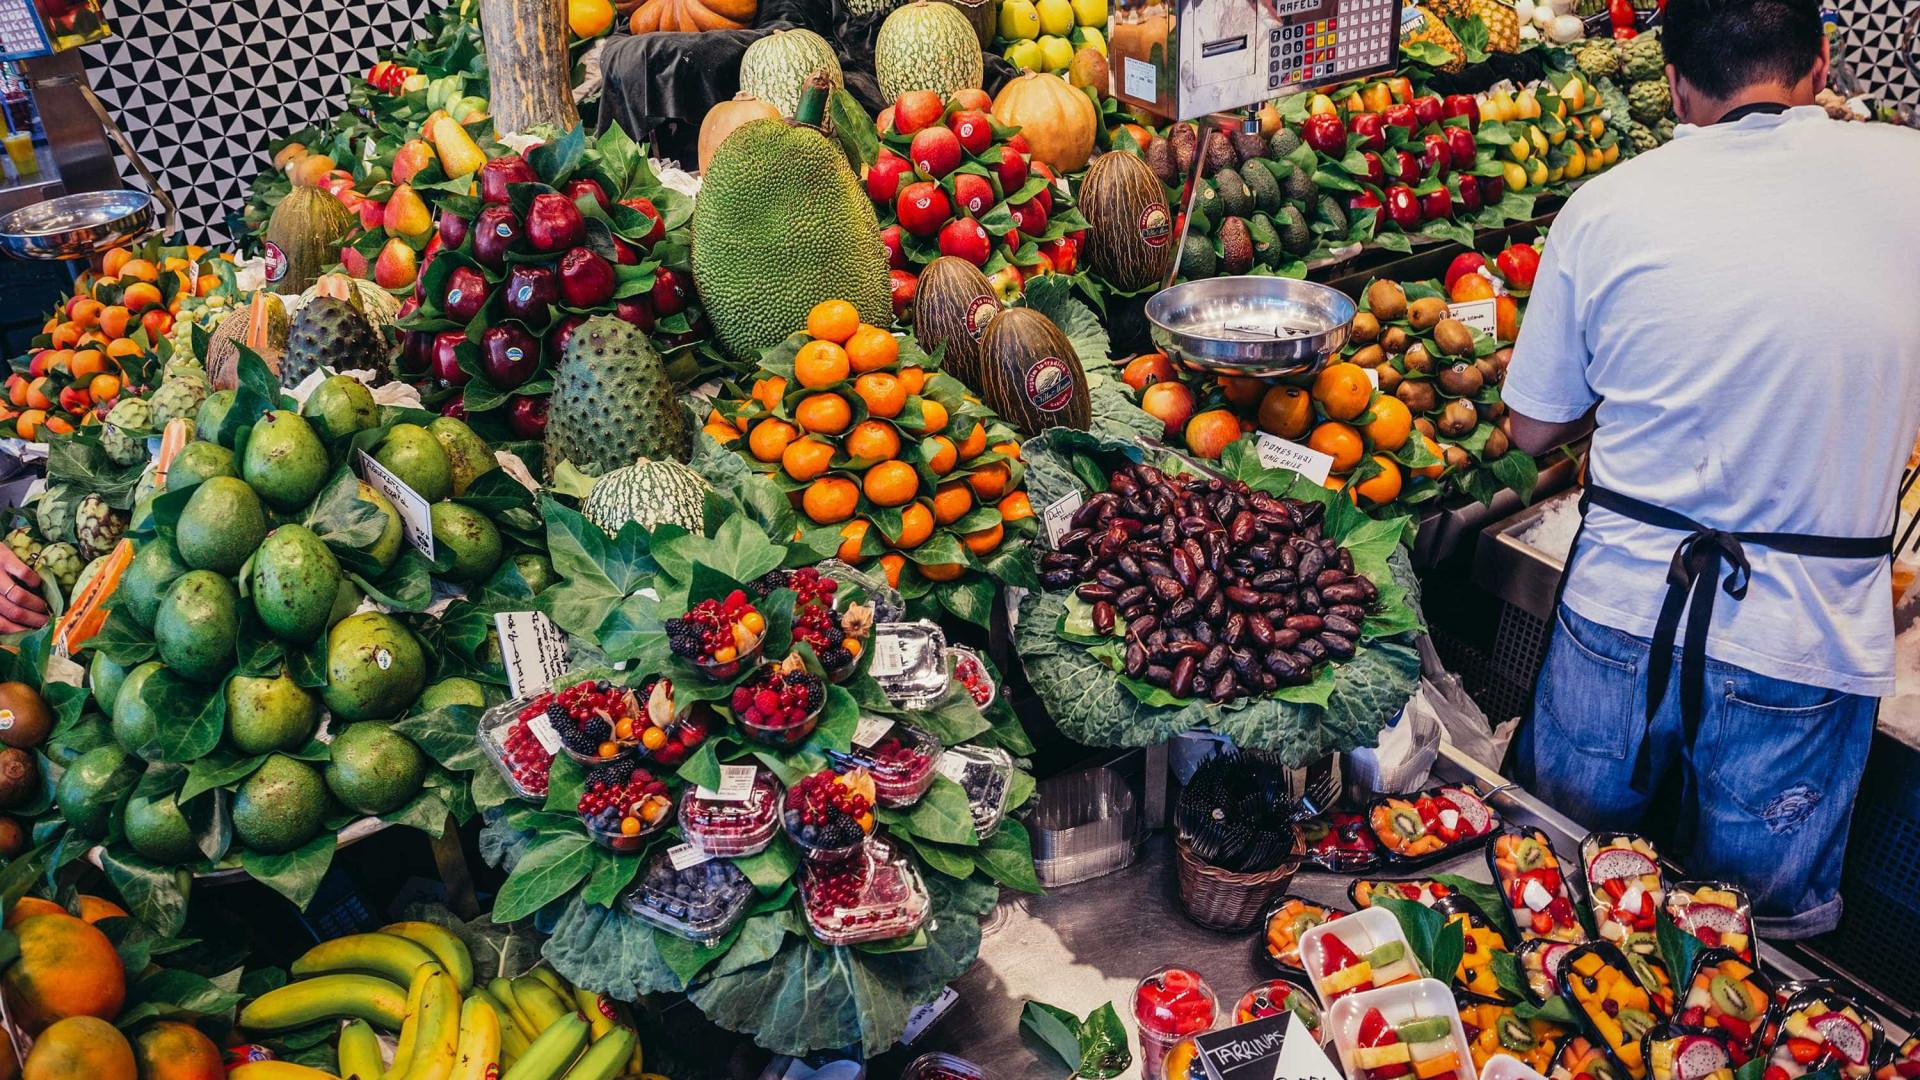 Descubra 3 alimentos de agosto para se alimentar melhor e com economia